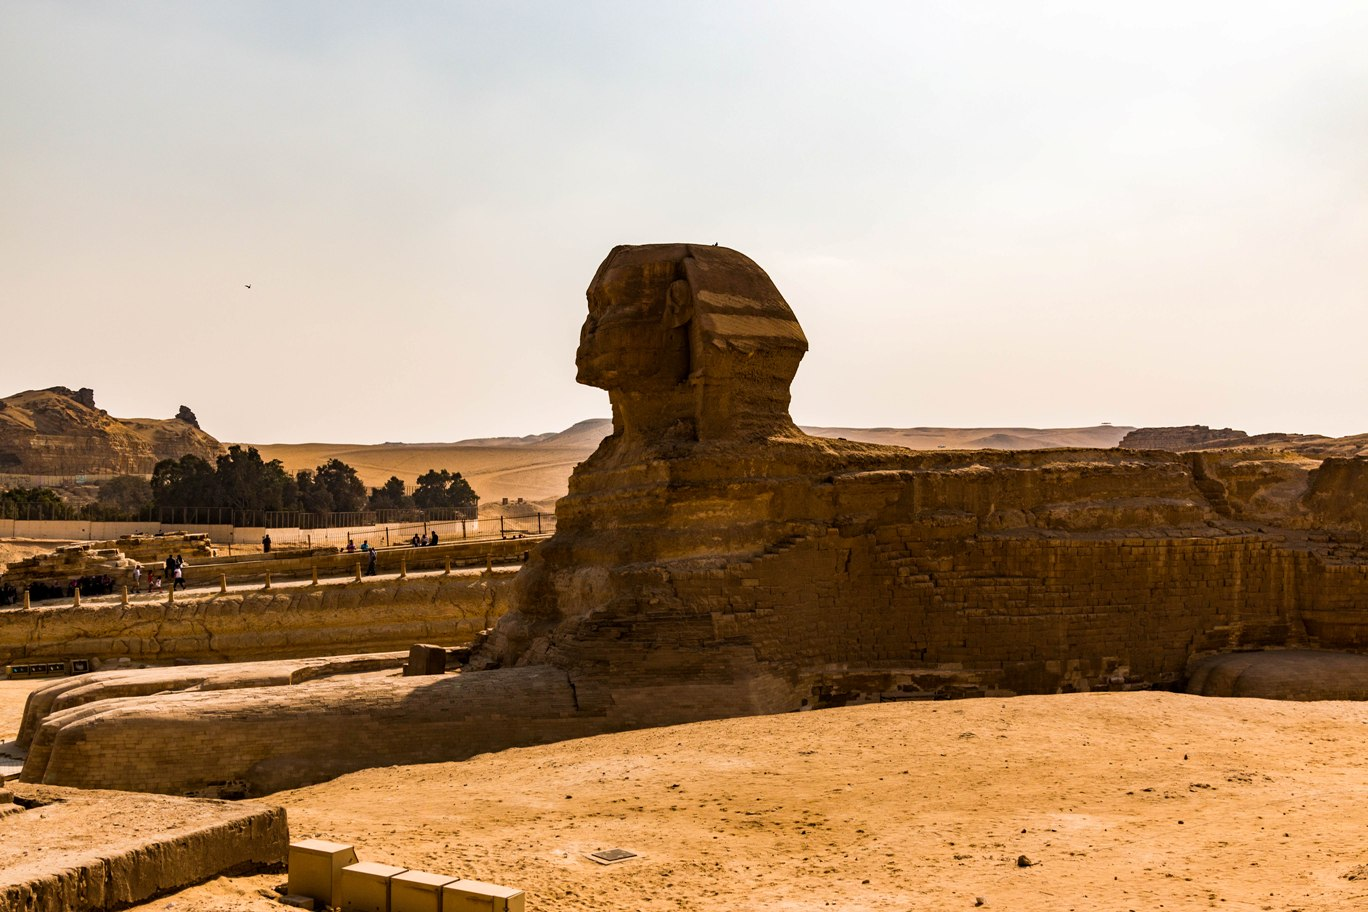 vedere din laterala asupra sfinxului in cairo egipt.